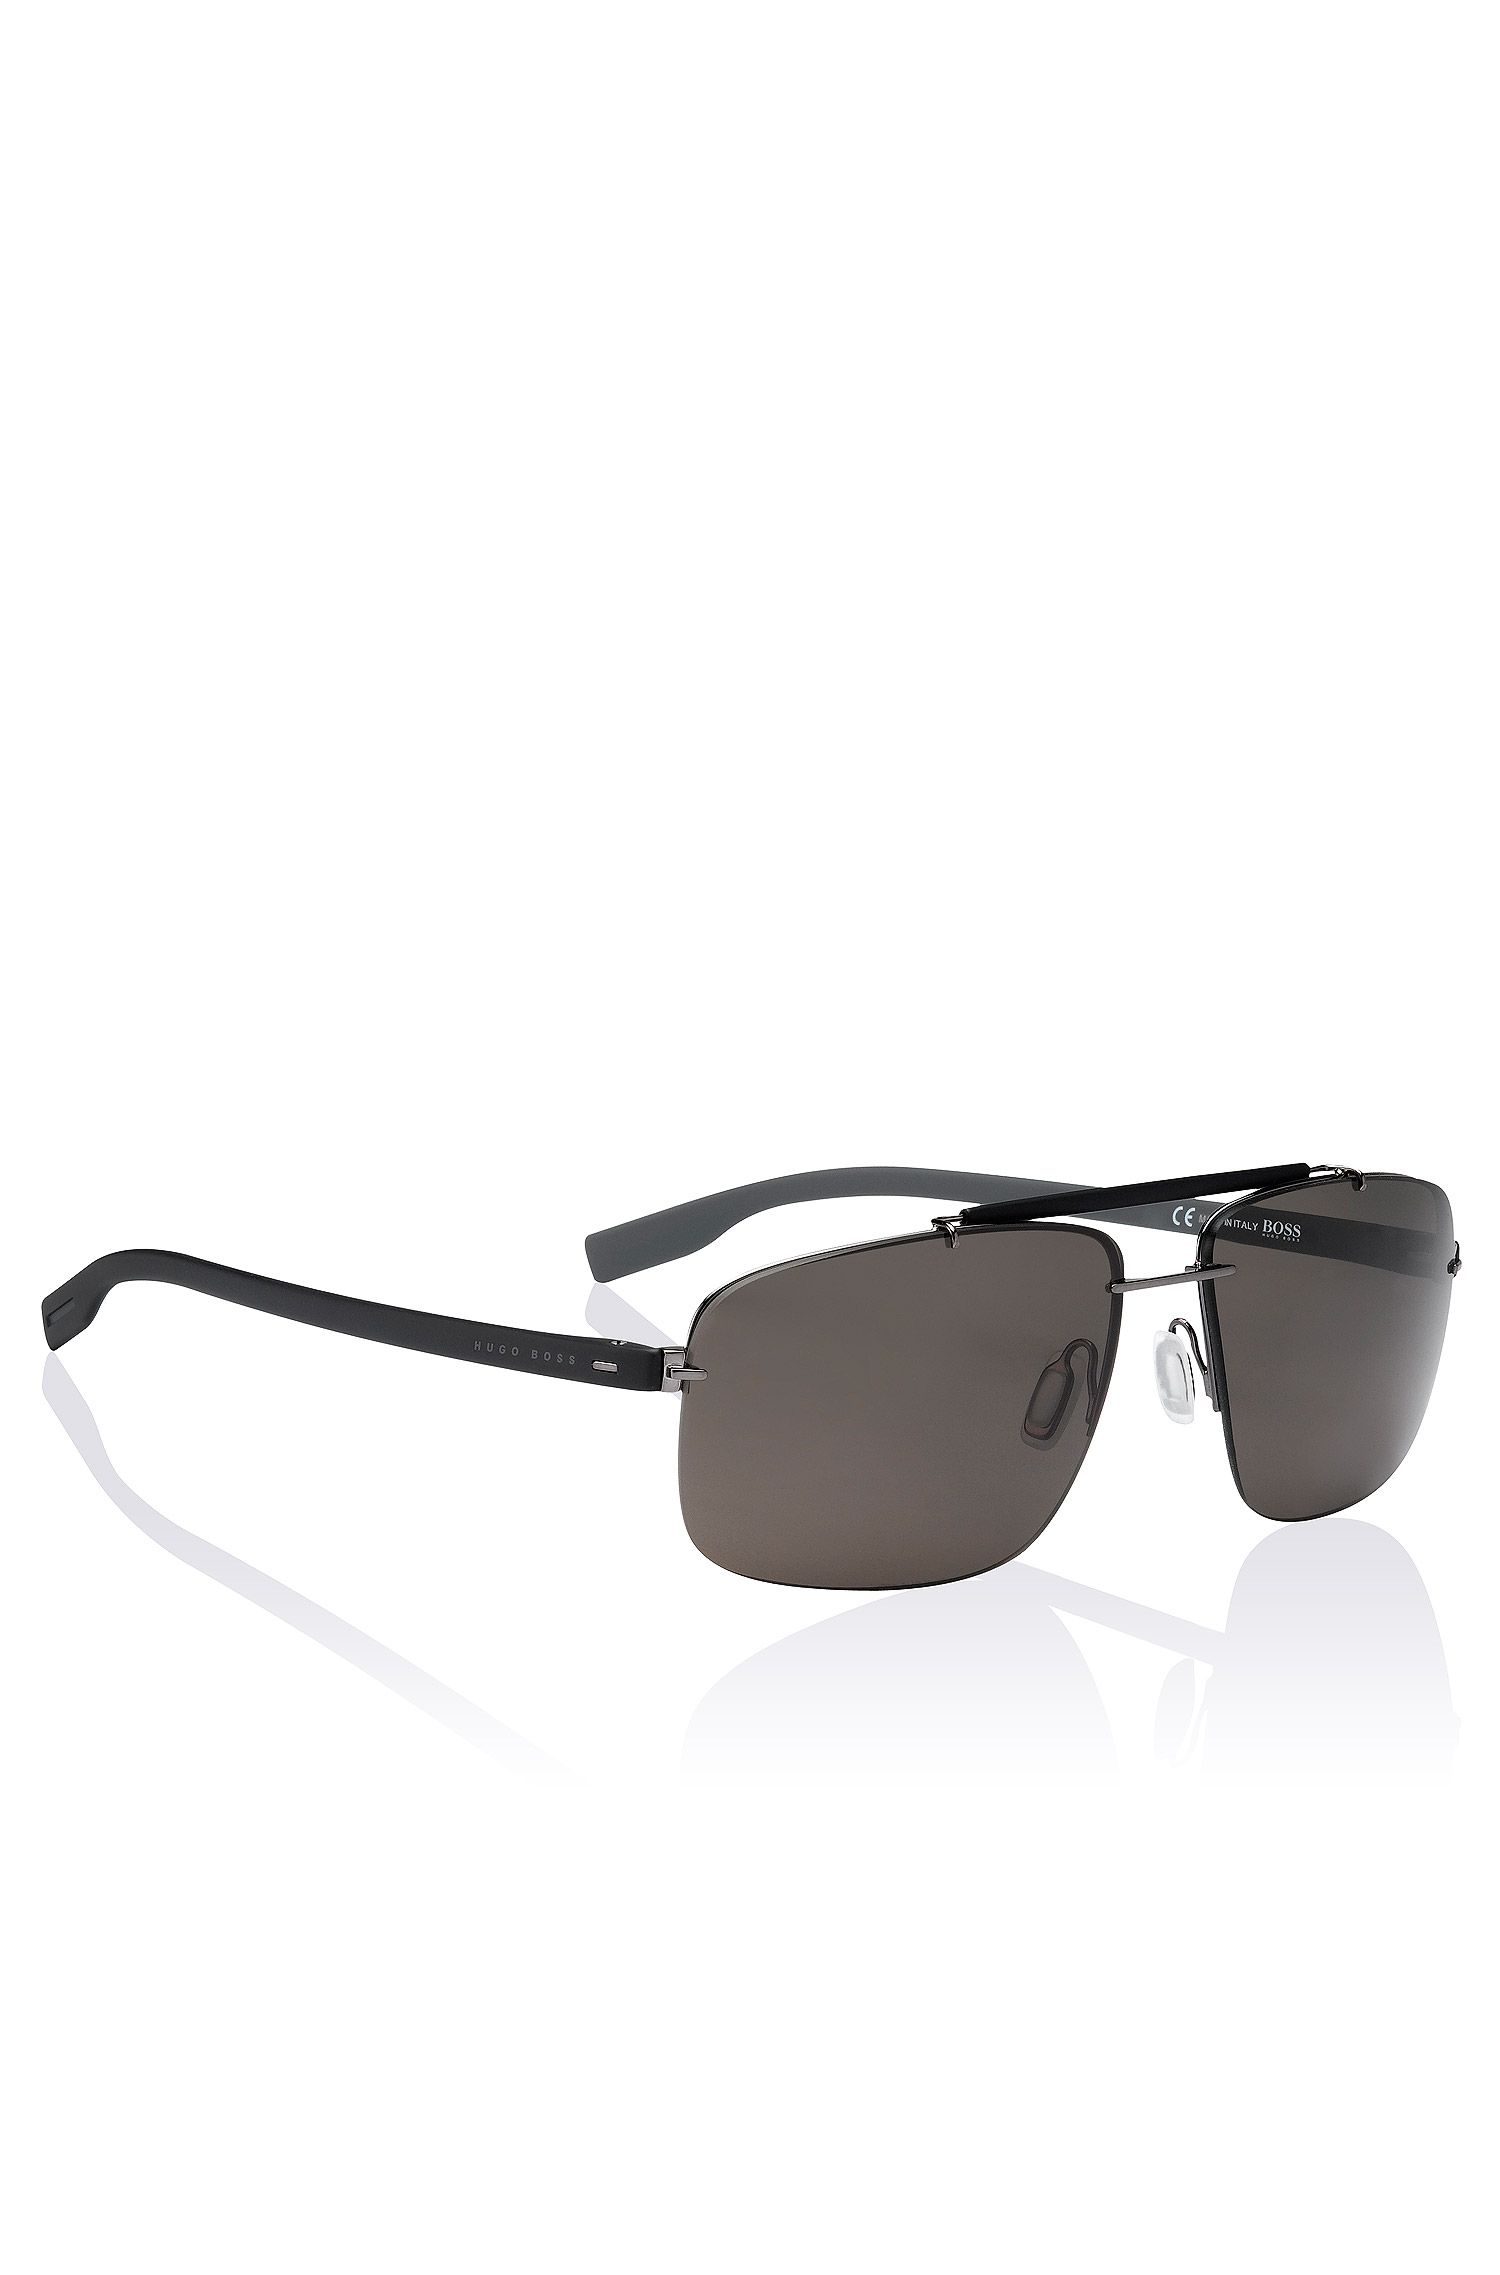 Sonnenbrille ´BOSS 0608` aus Metall